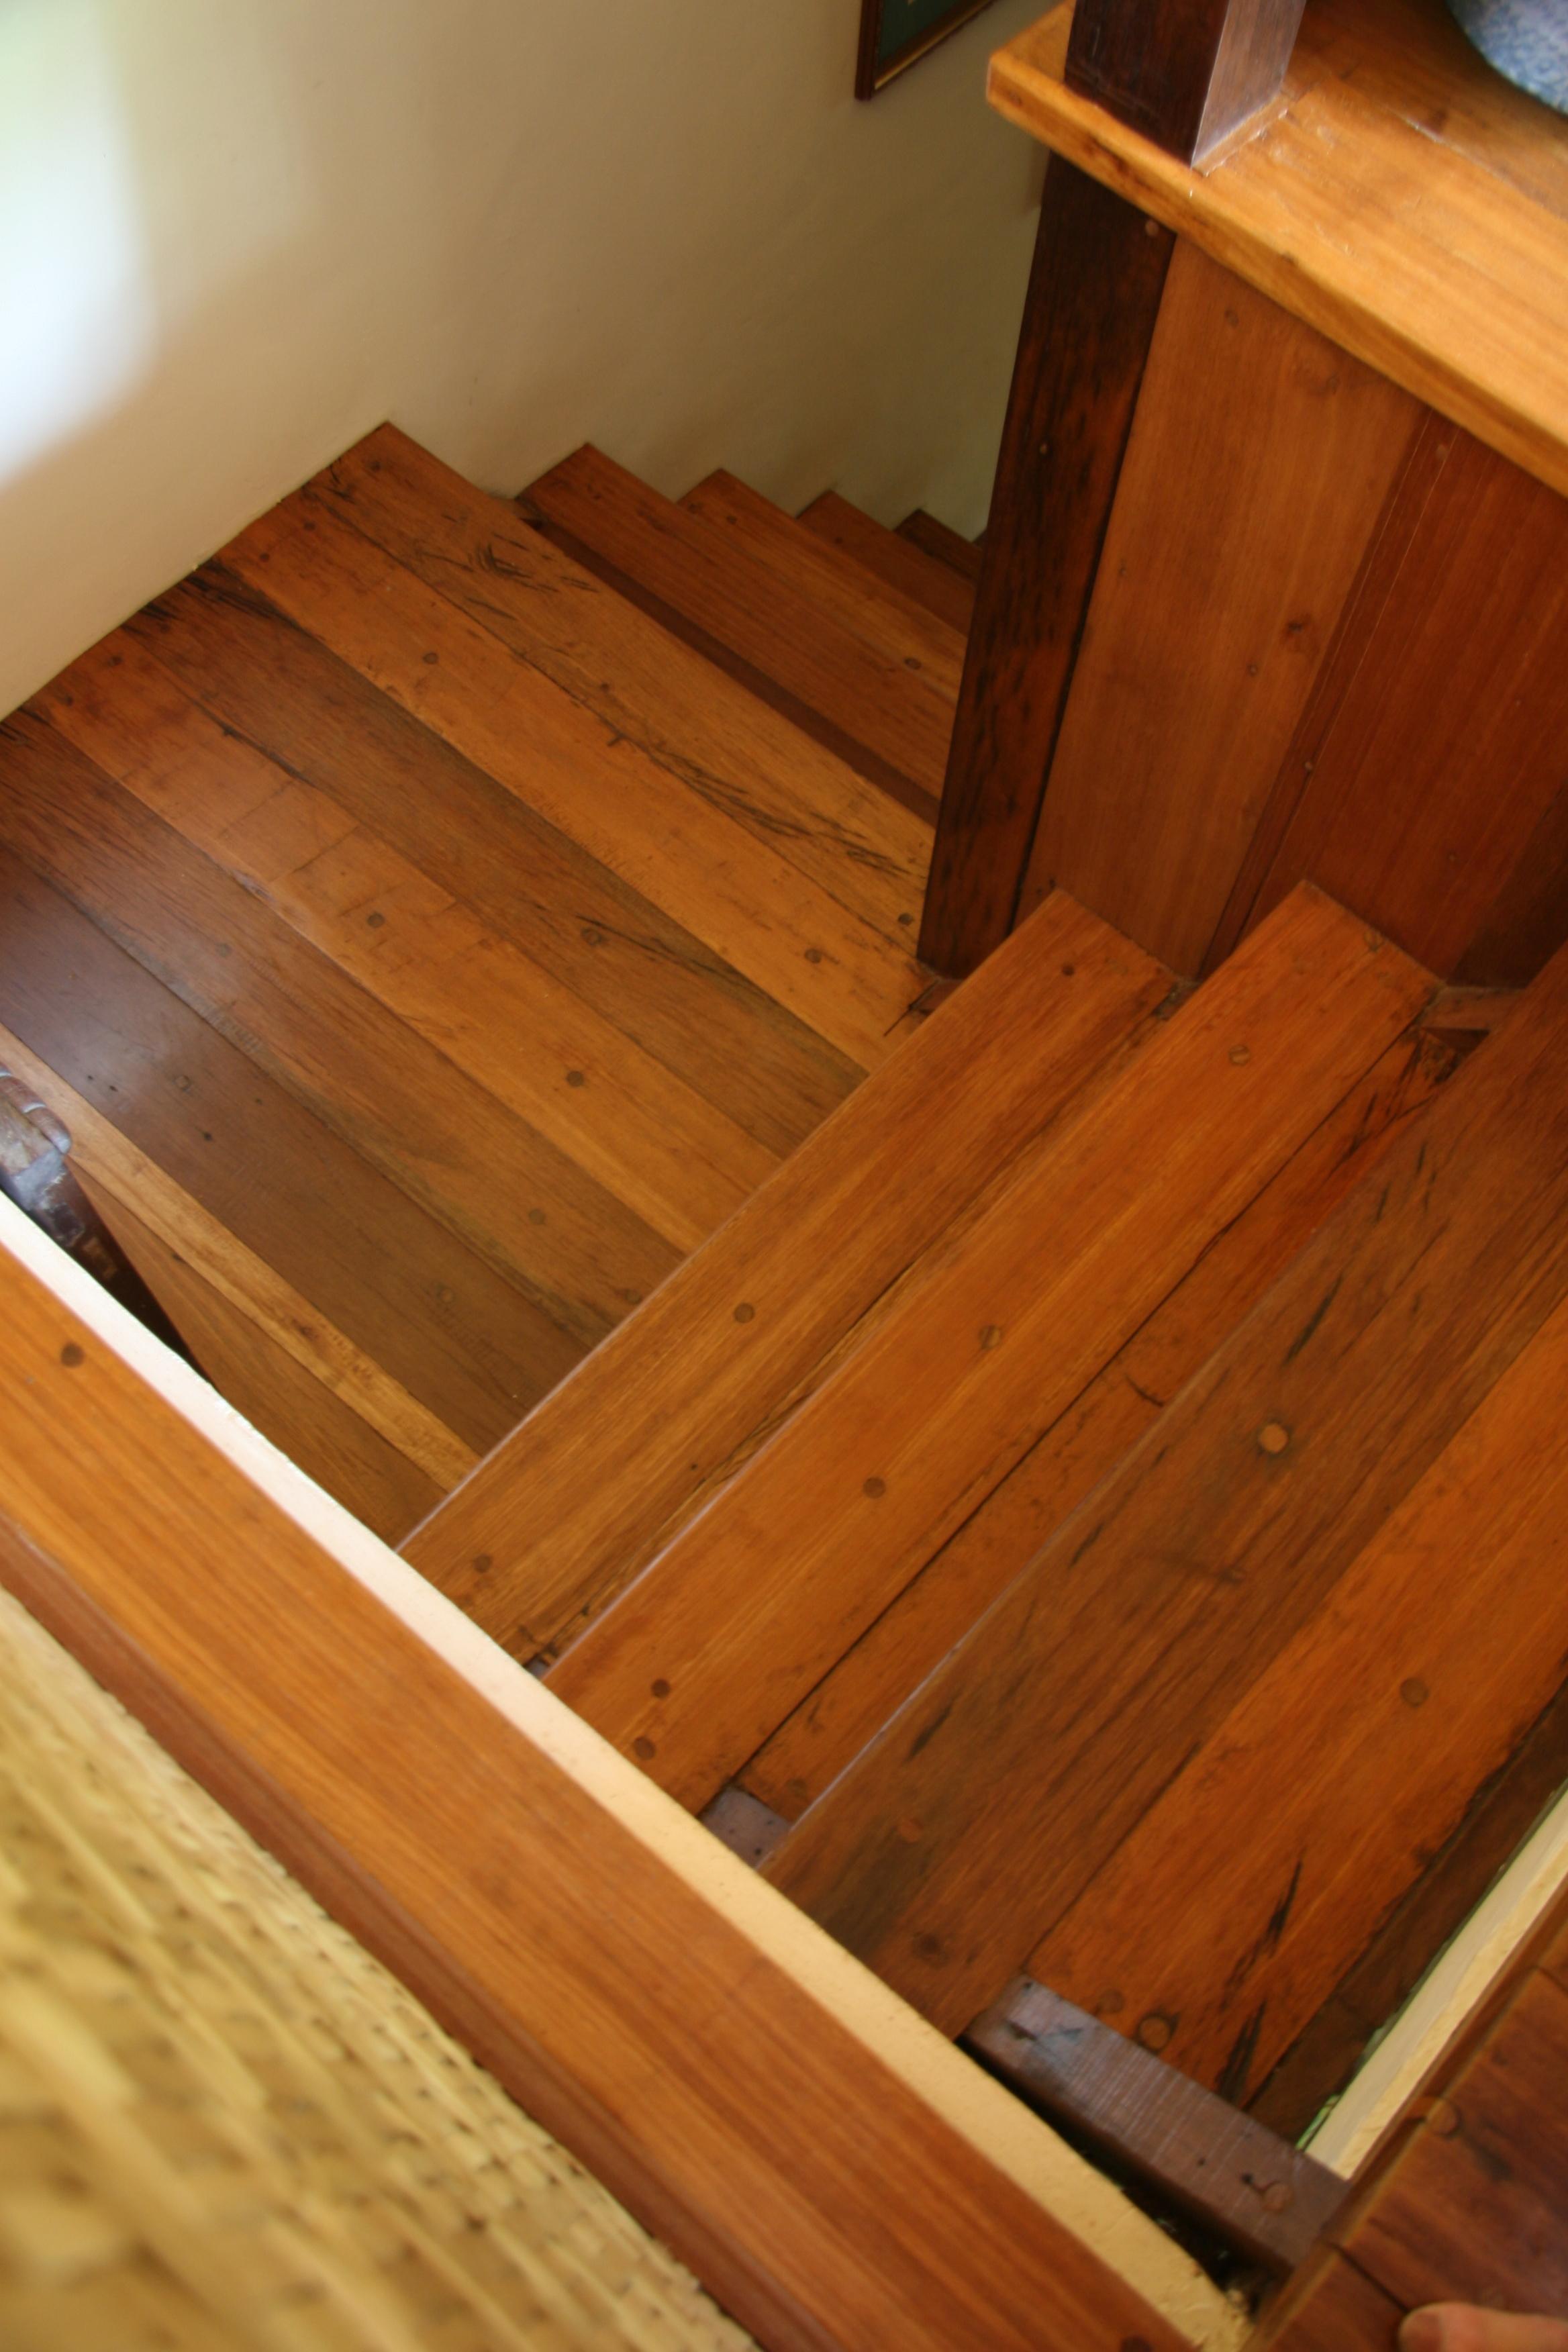 Wooden floor & stairs